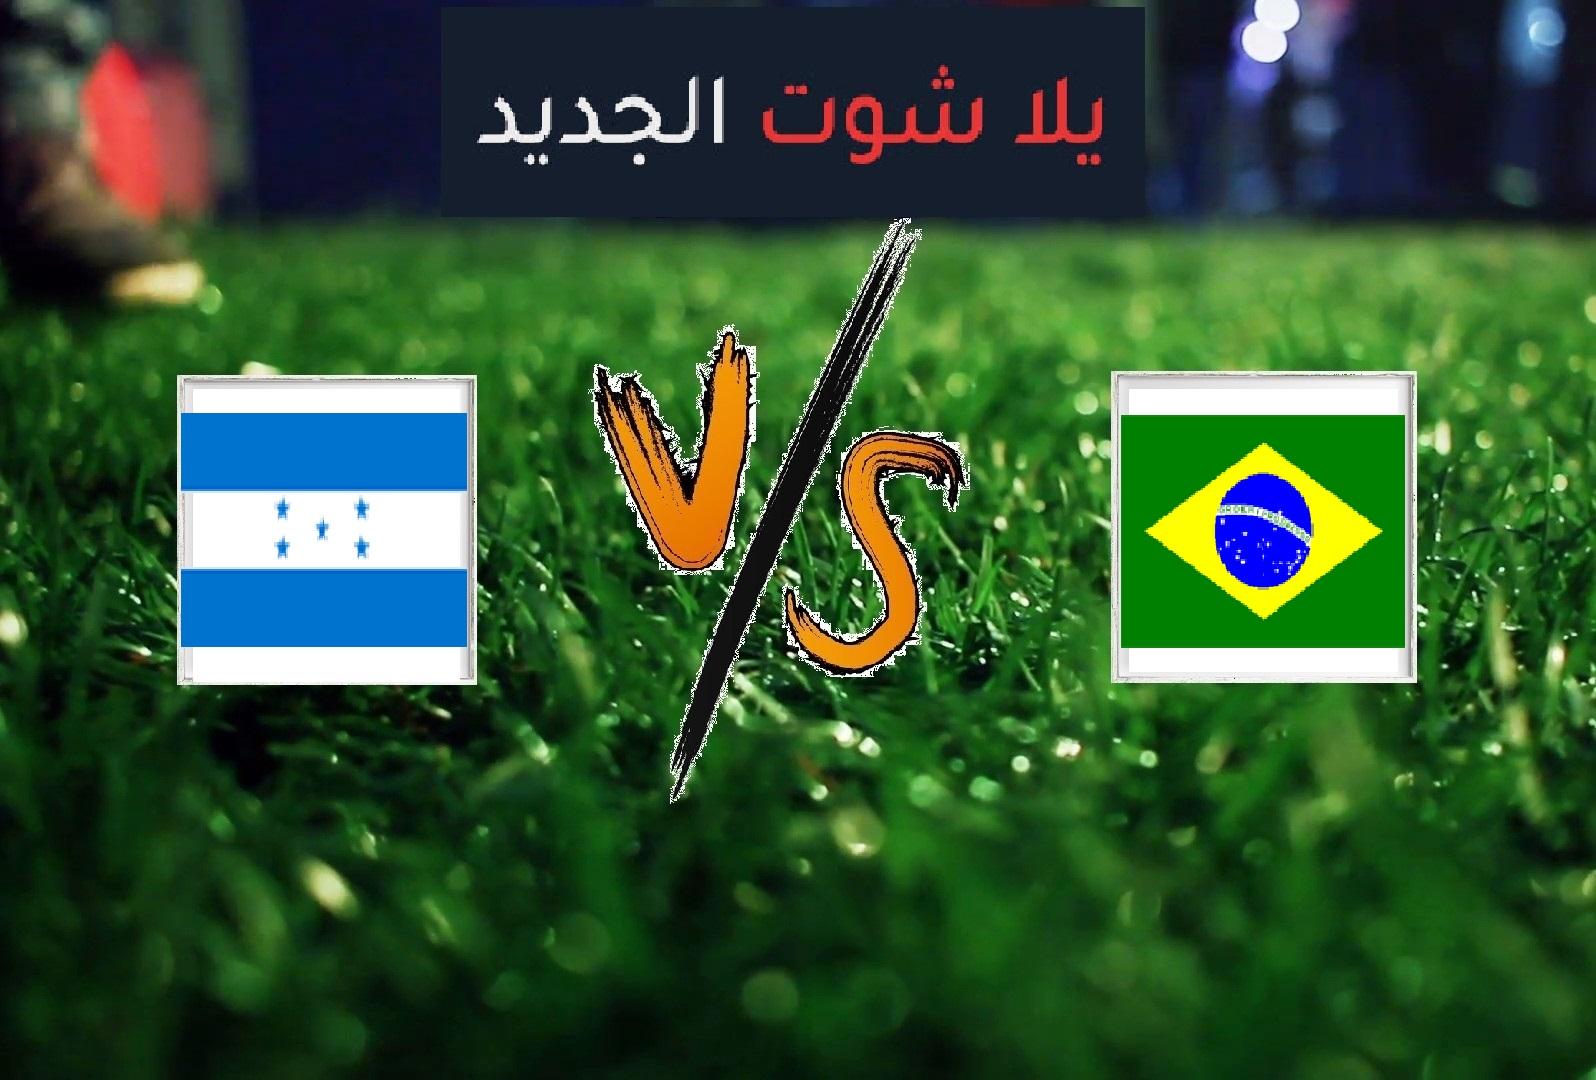 ملخص مباراة البرازيل وهندوراس اليوم الاحد بتاريخ 09-06-2019 مباراة ودية